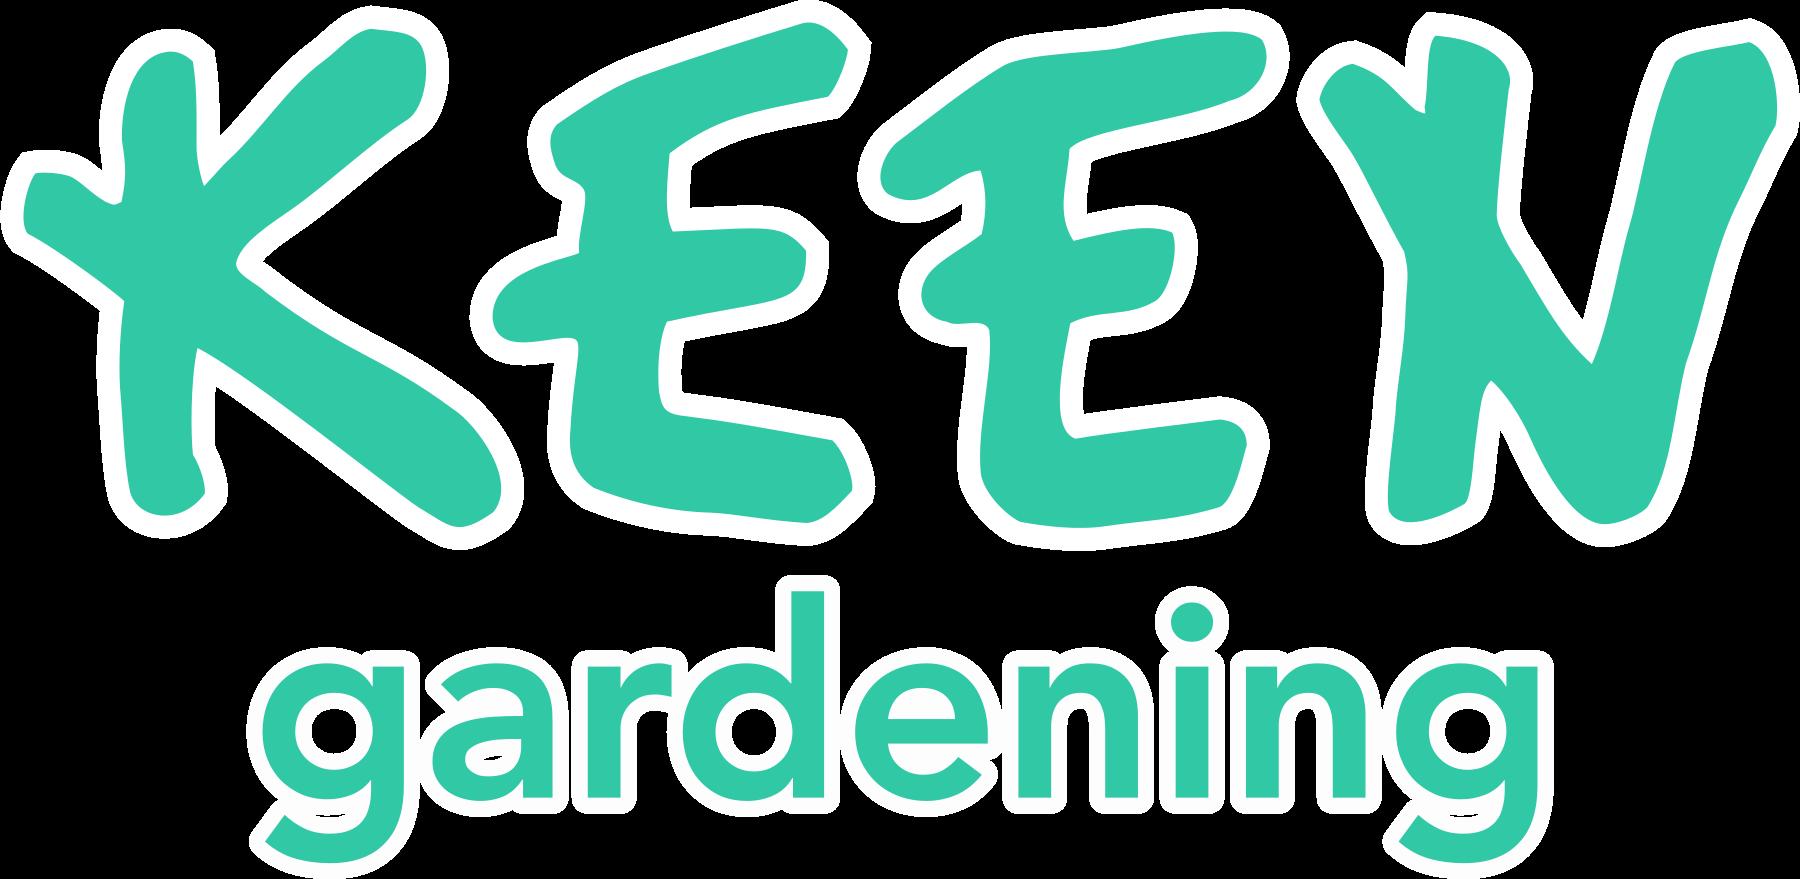 KEEN Gardening logo - 2019 - 1800px.png